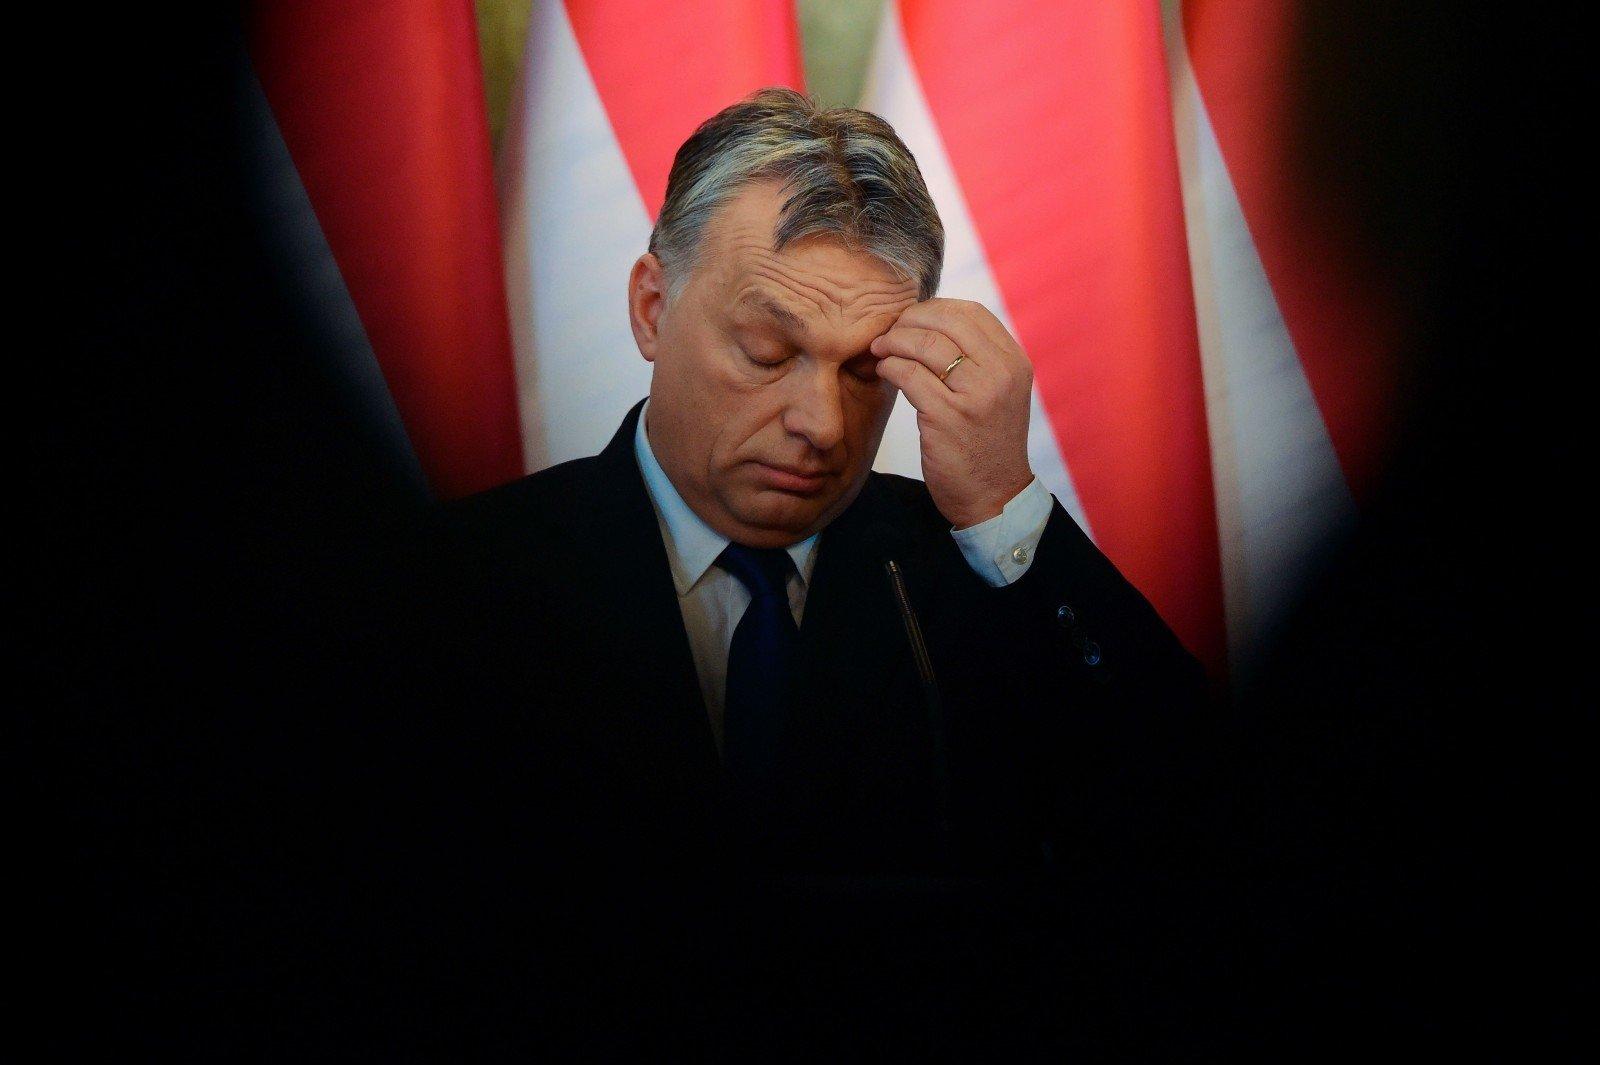 ВВенгрии пройдет референдум оквотахЕС наразмещение беженцев